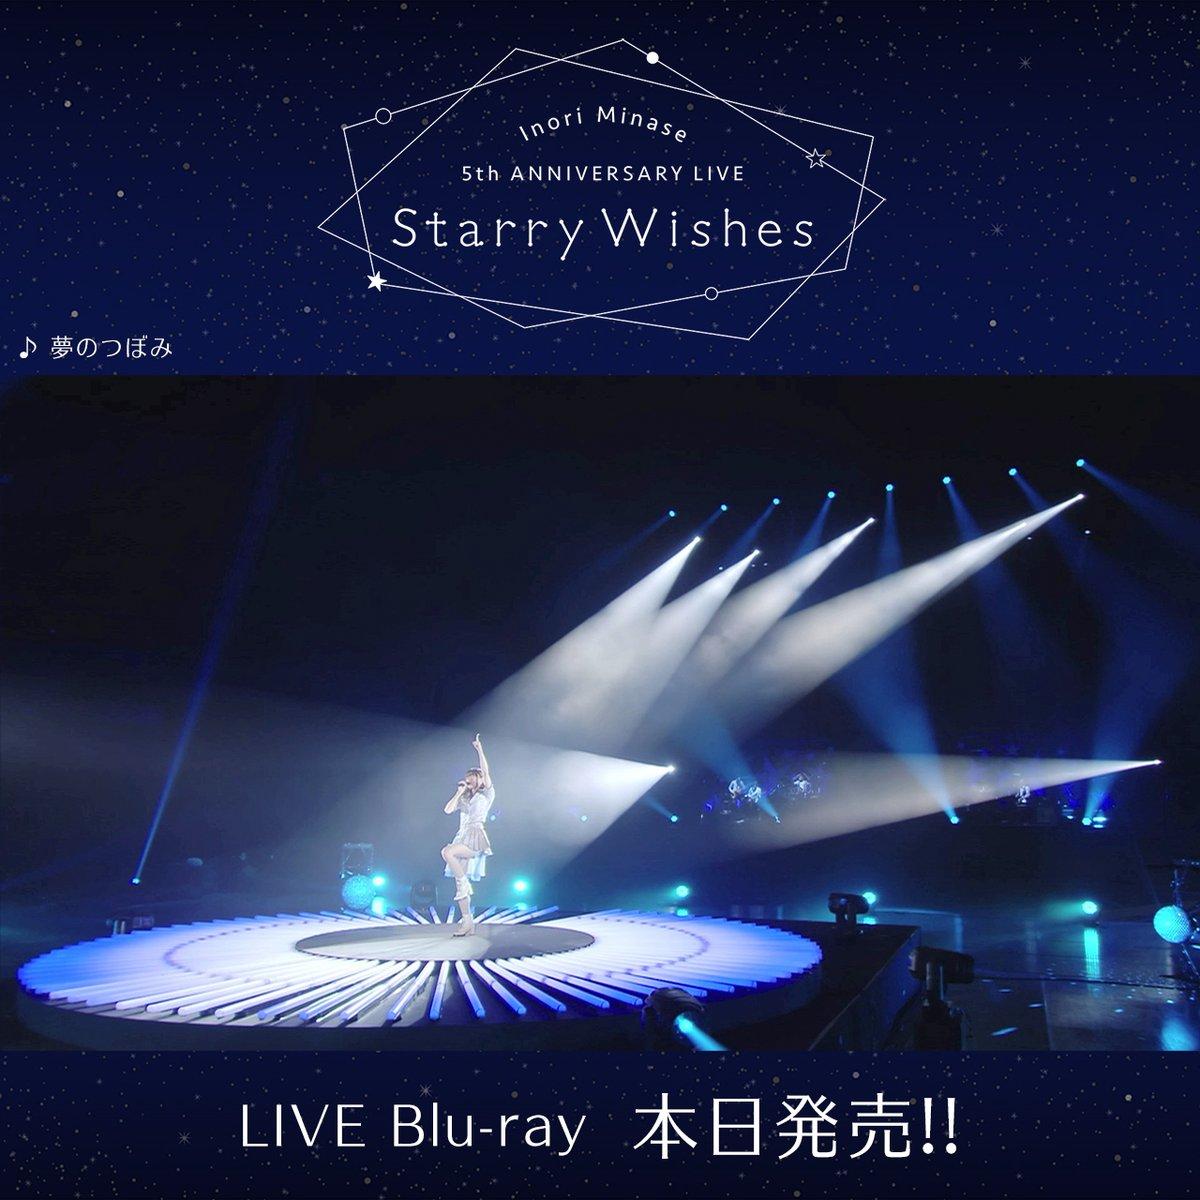 / #水瀬いのり5周年ライブ Blu-ray 本日発売🌟 \  『Inori Minase 5th ANNIVERSARY LIVE Starry Wishes』 開幕を飾る記念すべきデビュー曲をフル公開🎶  💐夢のつぼみ   5年間を振り返るのにぴったりの1枚、お楽しみ下さい💿   #水瀬いのり(スタッフ)